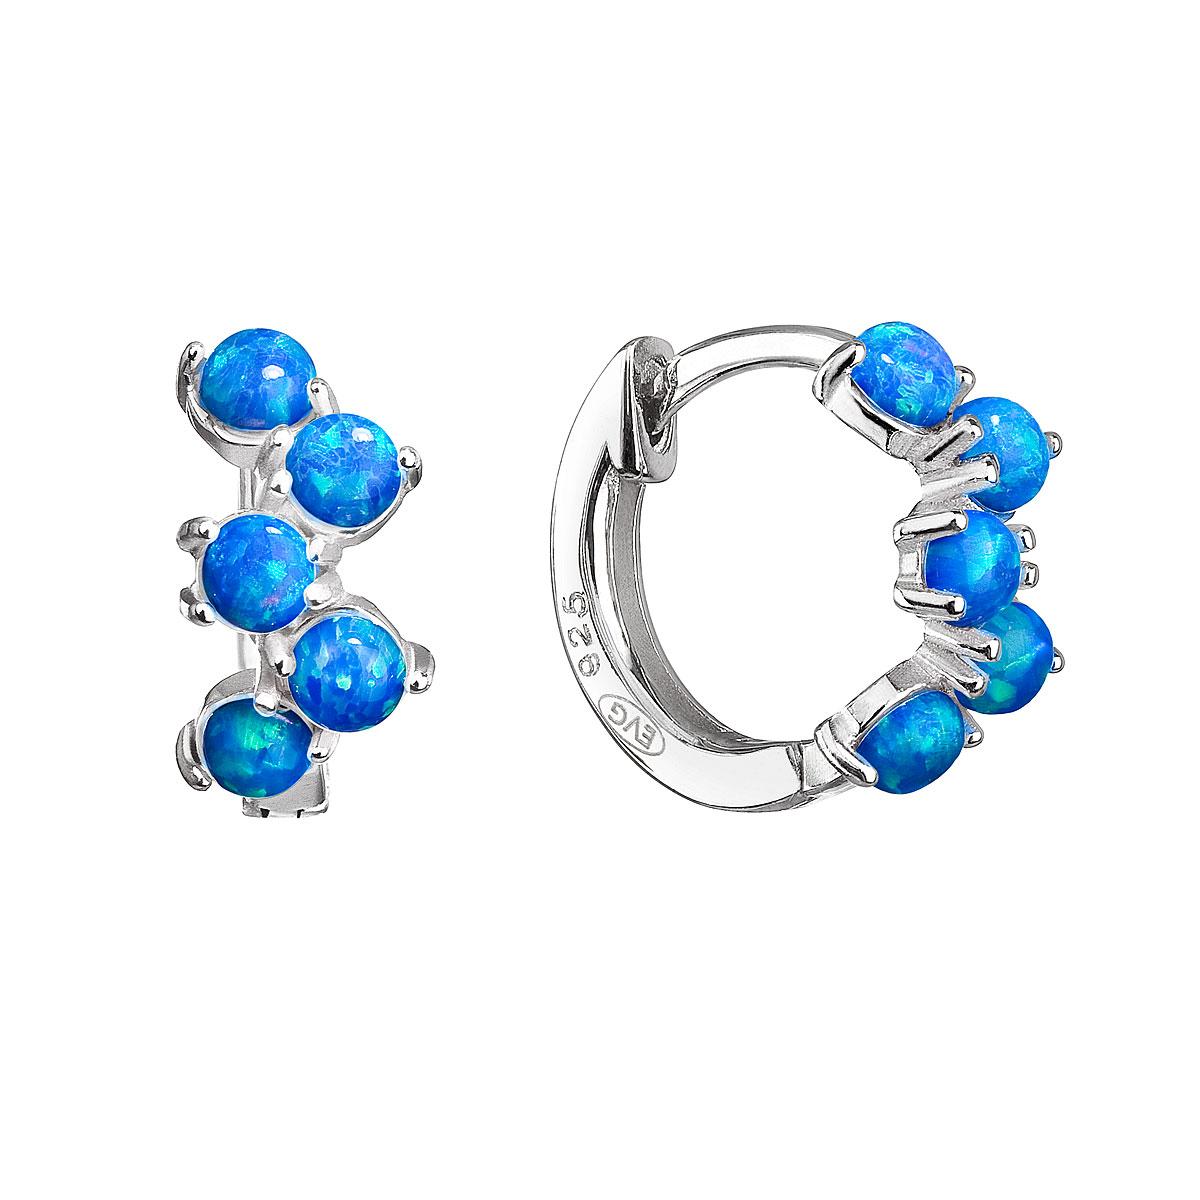 Strieborné náušnice kruhy so syntetickými opálmi modré 11339.3